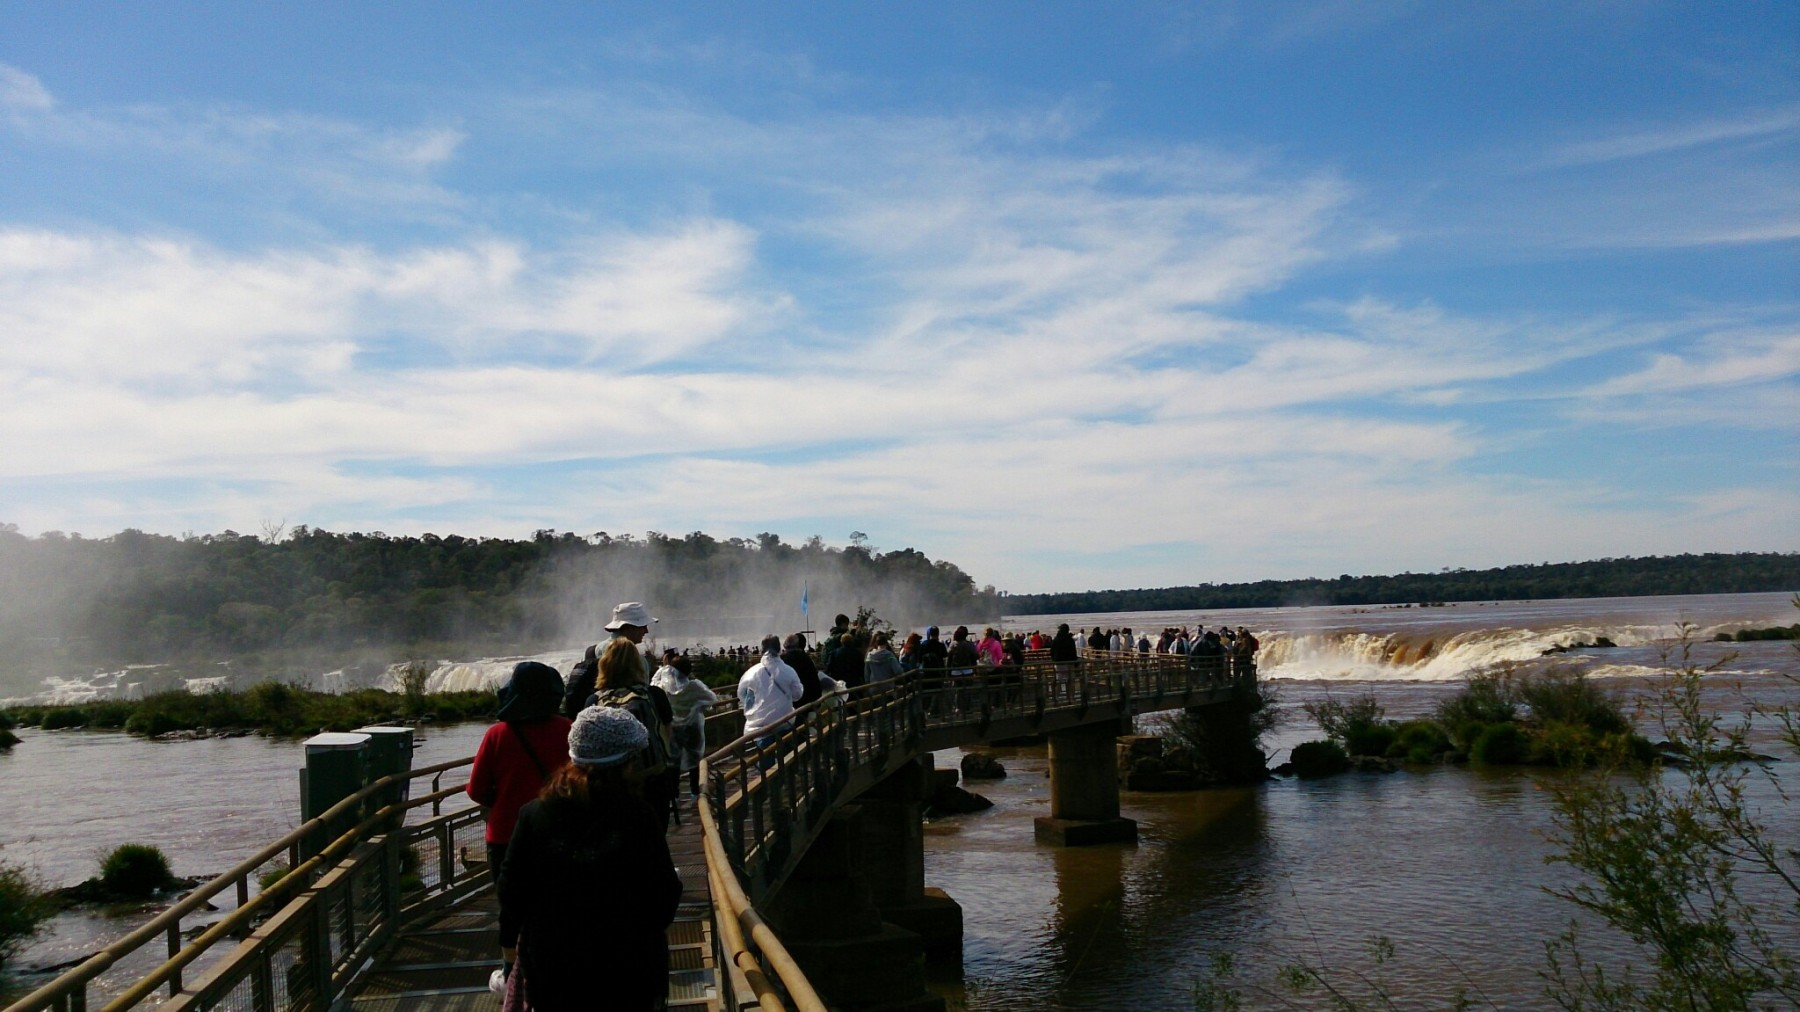 Roteiro-foz-do-iguaçu-cataratas-argentina-1800x1012 Roteiro Foz do Iguaçu Completo (e ÉPICO) - 3 a 5 dias